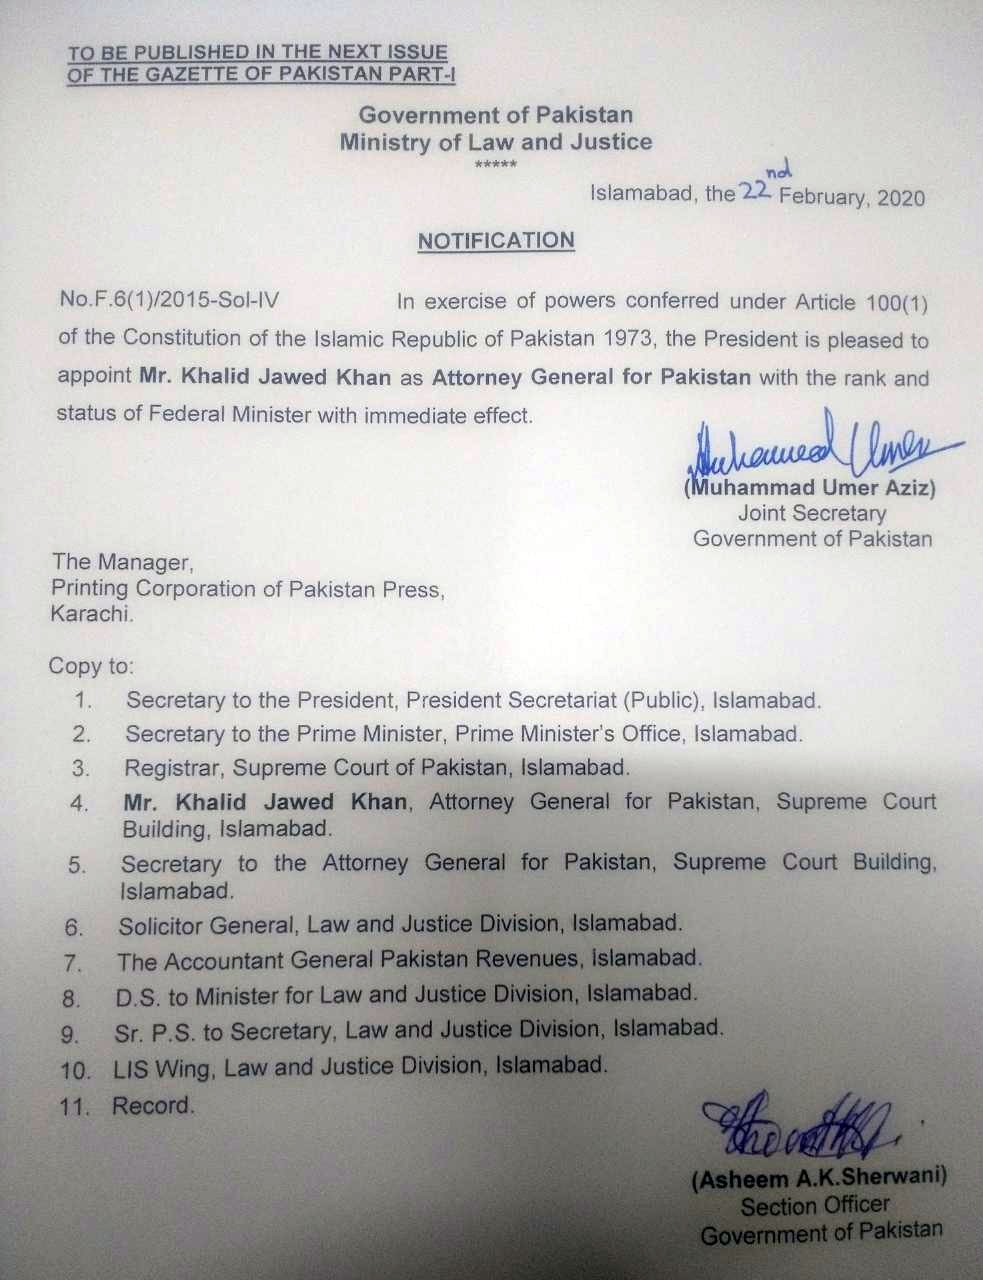 خالد جاوید خان نئے اٹارنی جنرل آف پاکستان تعینات